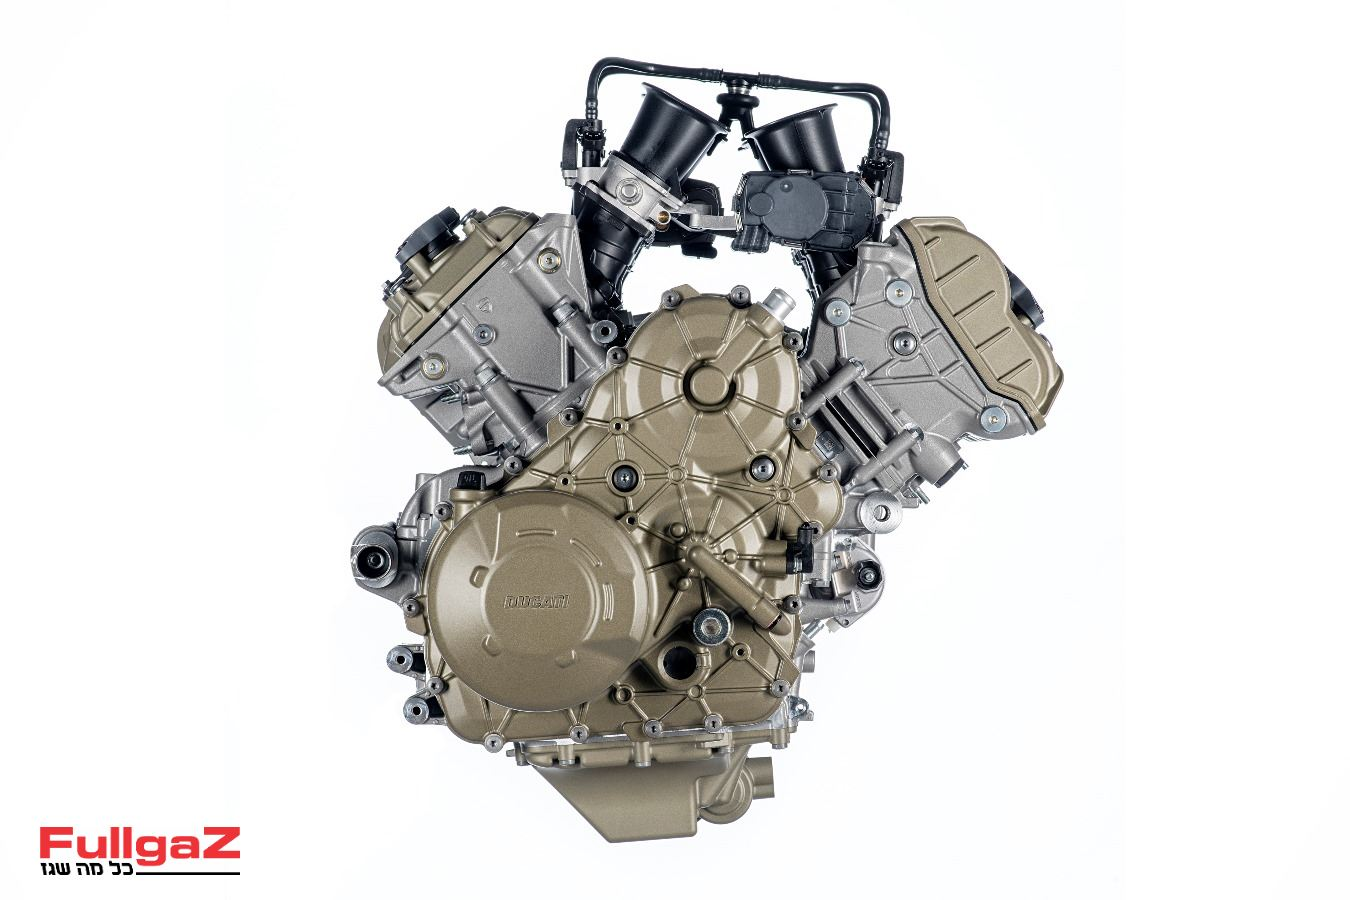 מנוע ה-V4 גרנטוריזמו החדש של דוקאטי